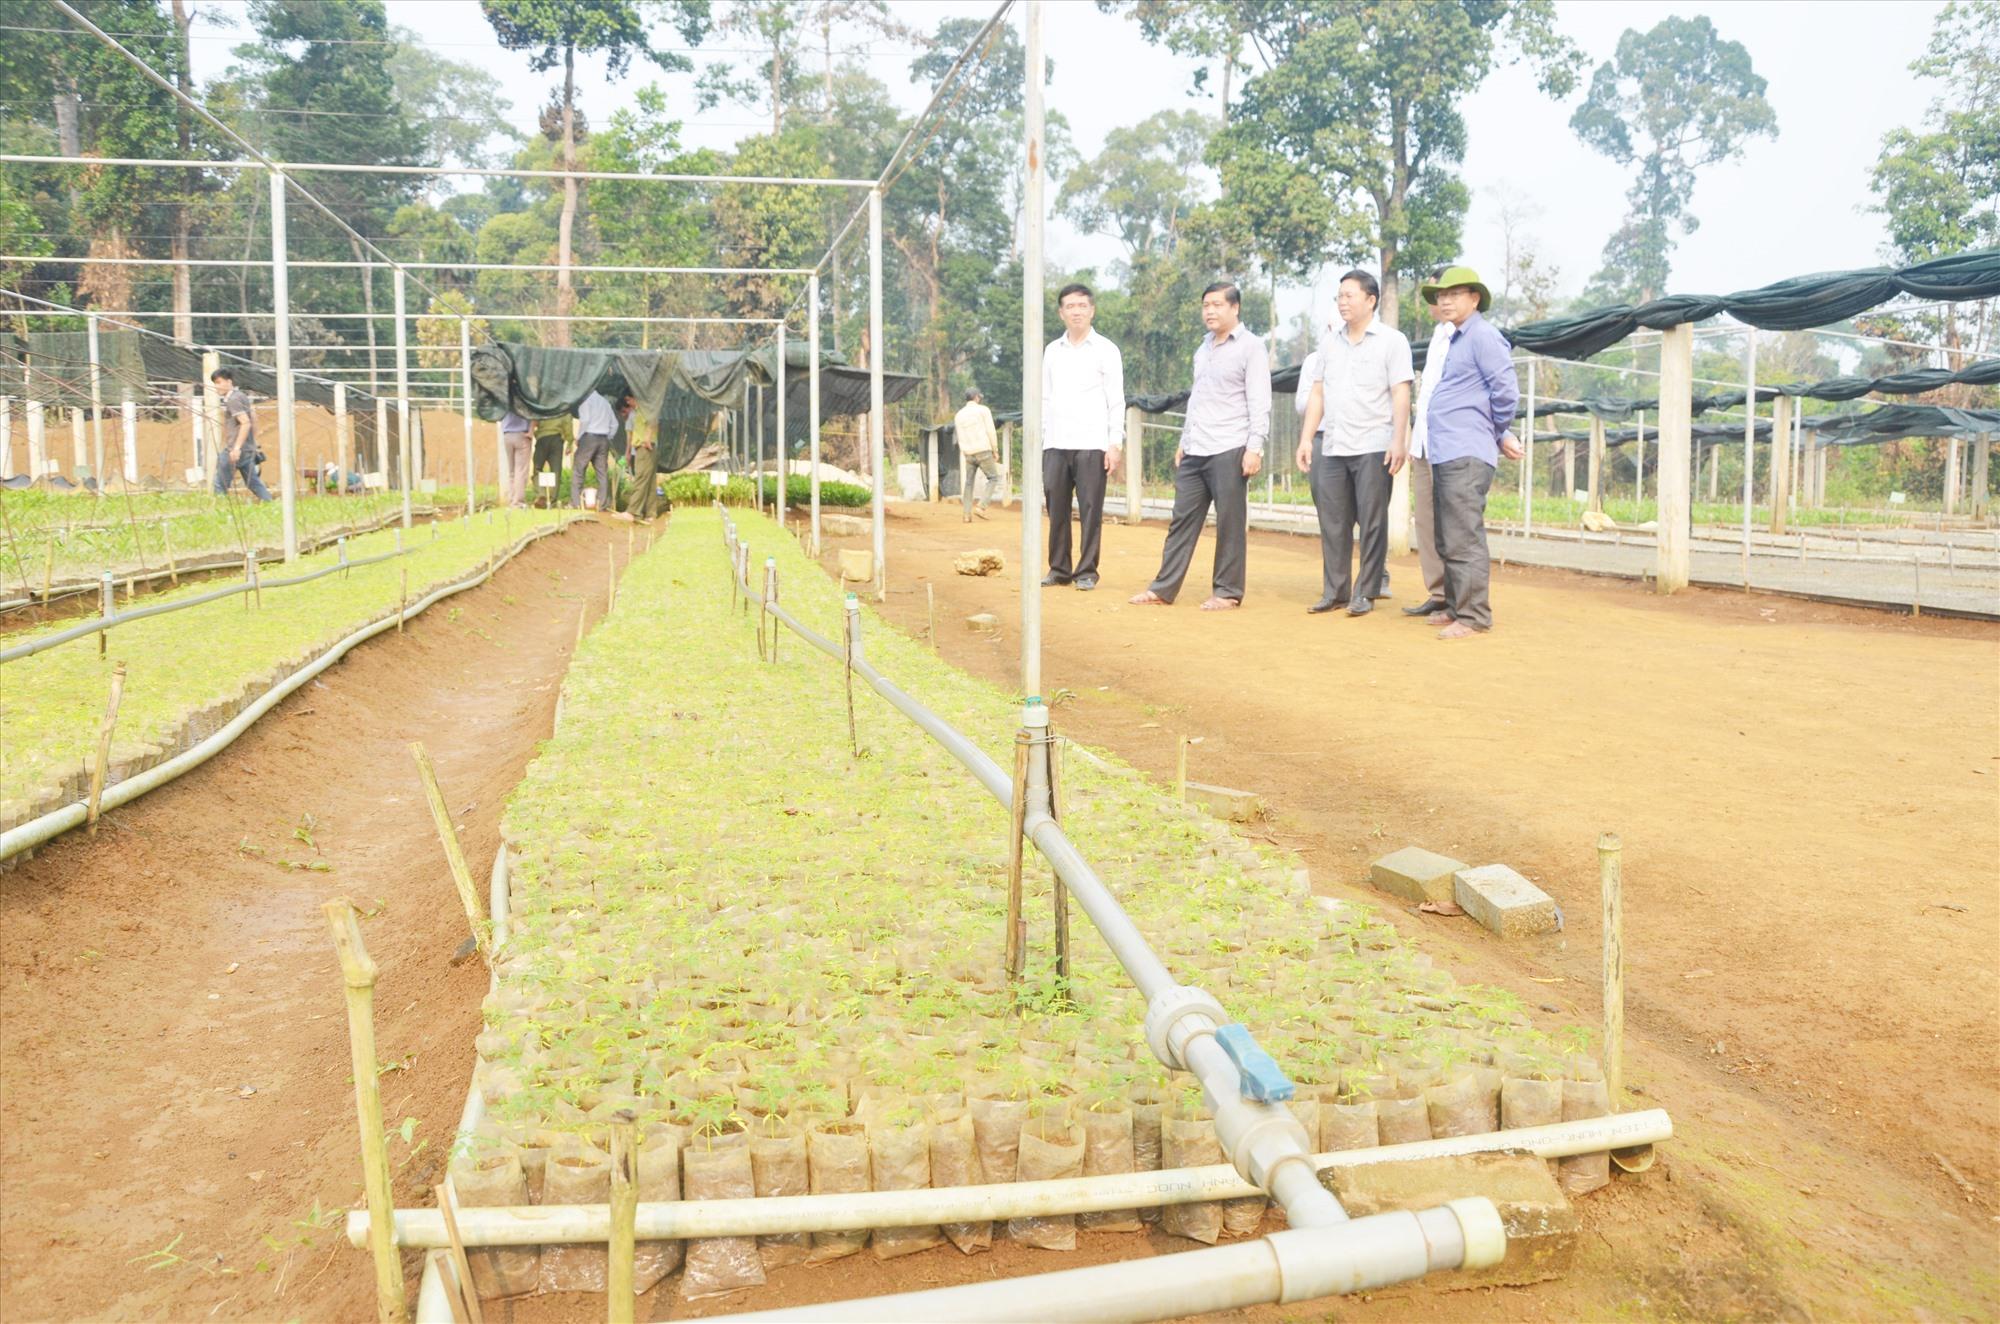 Vườn ươm cây giống lâm nghiệp tại xã Phước Chánh (Phước Sơn) của Công ty CP Gỗ công nghiệp Quảng Nam.Ảnh: T.H